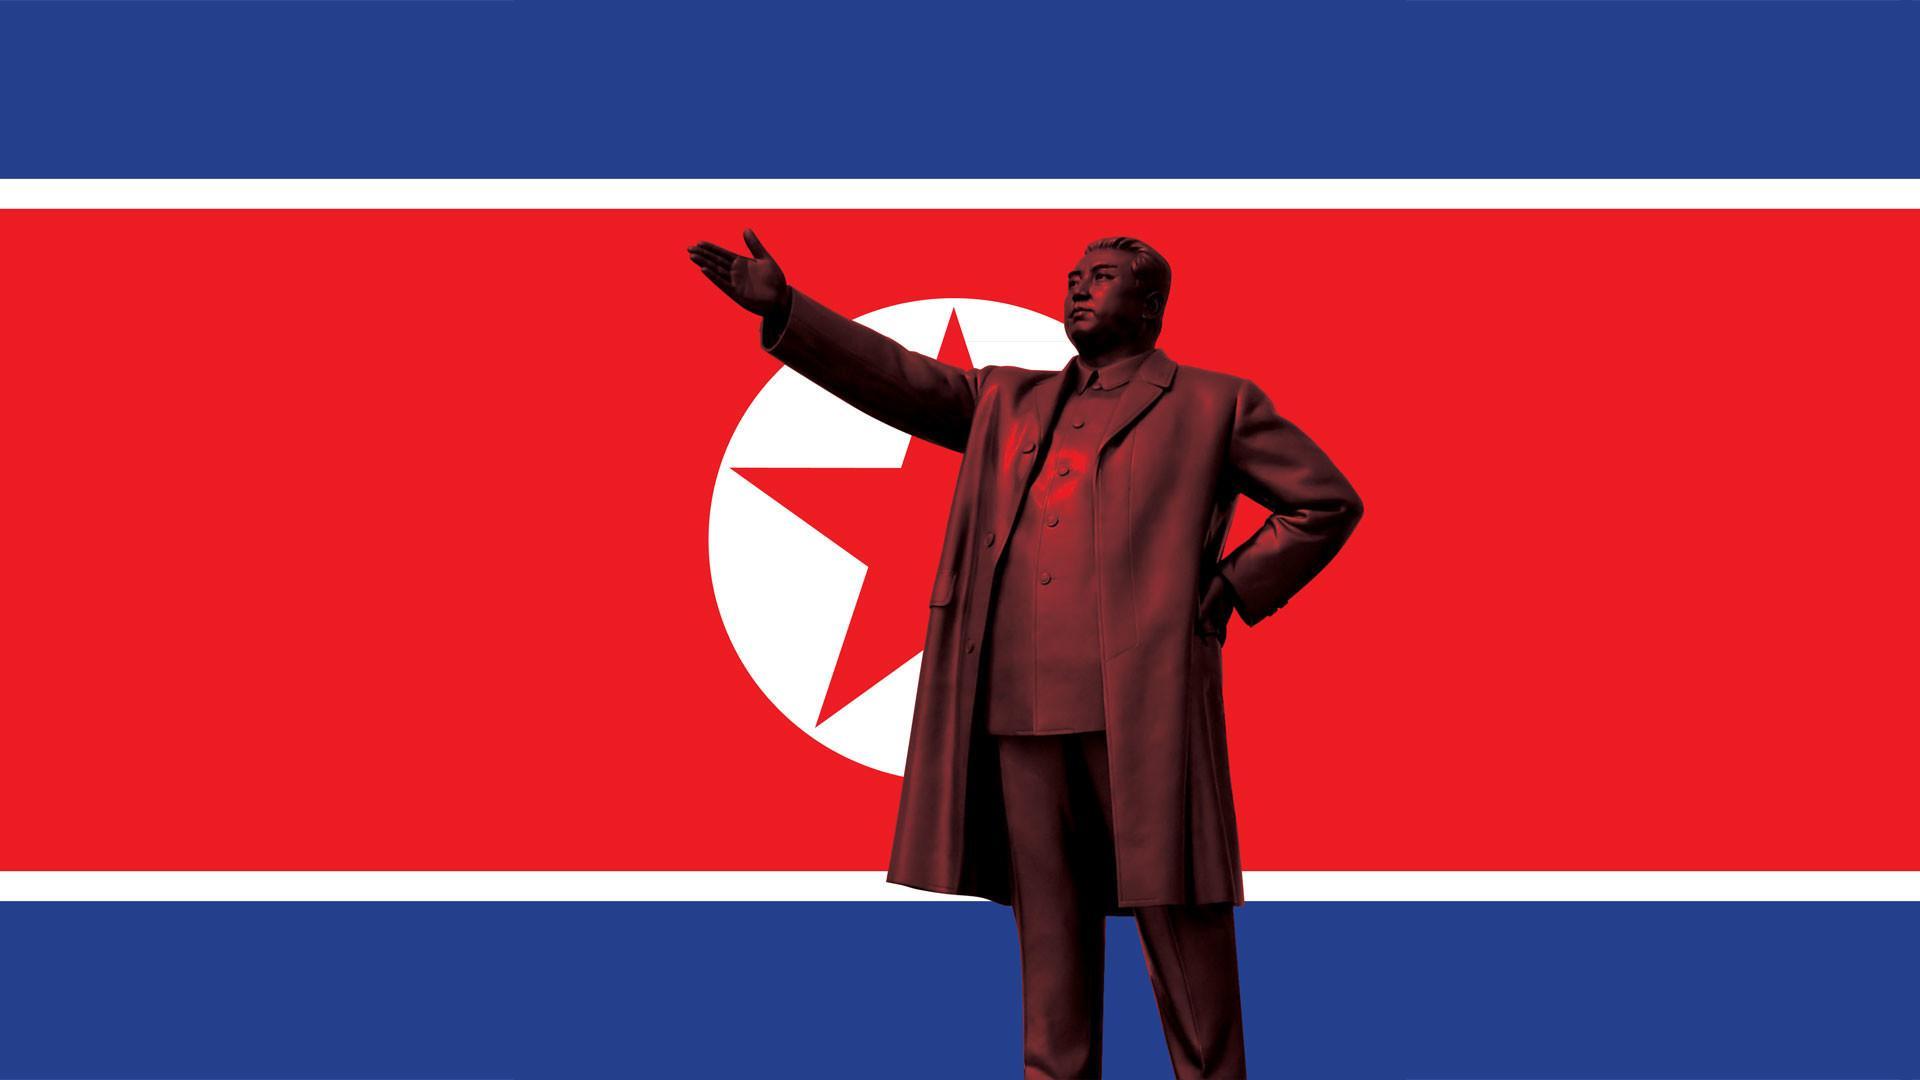 North Korea Flag Wallpapers Wallpaper Cave